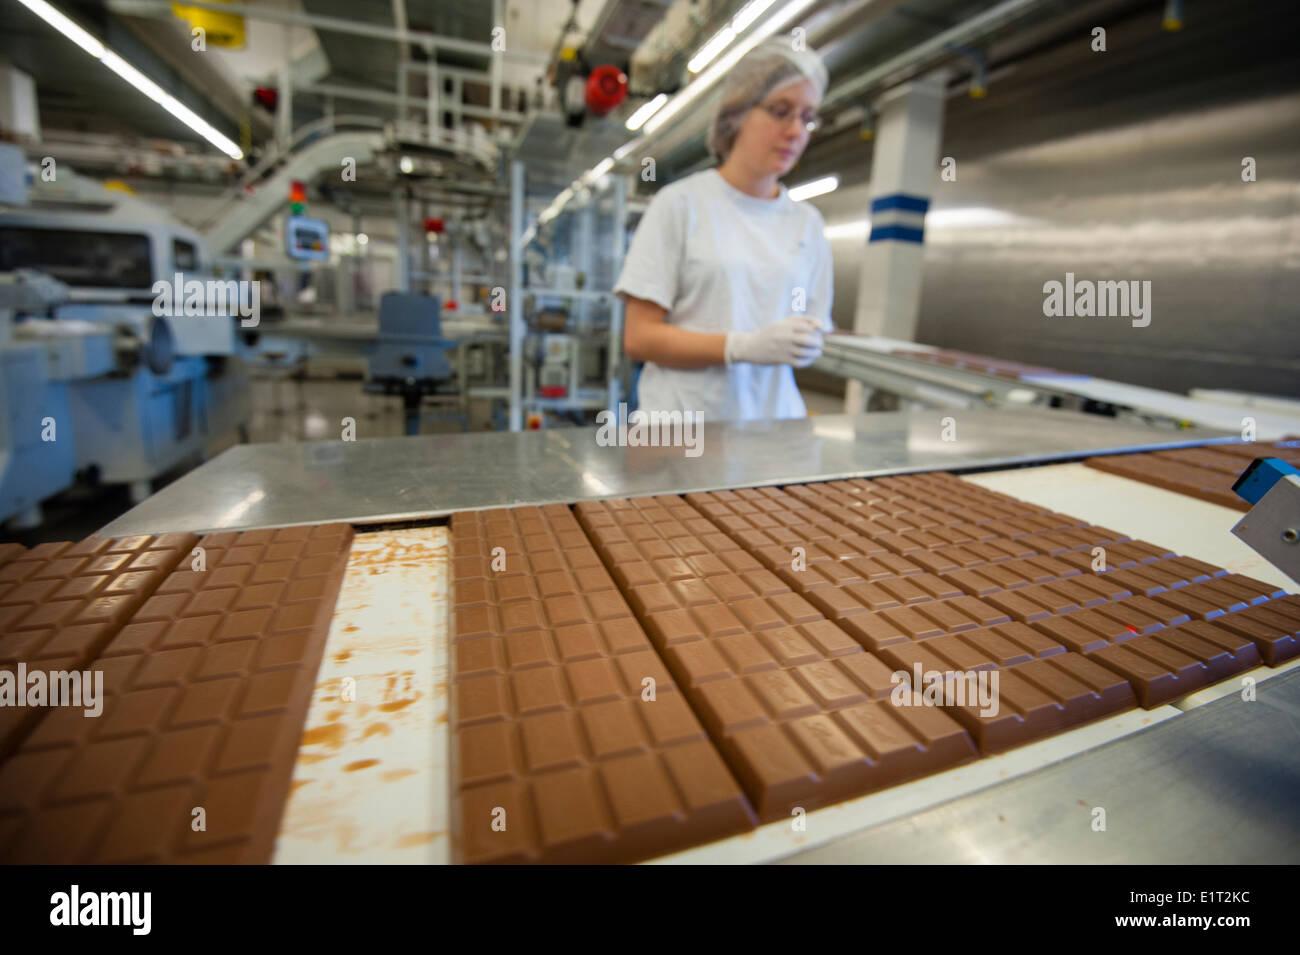 Sprungli Chocolate Stock Photos & Sprungli Chocolate Stock Images ...